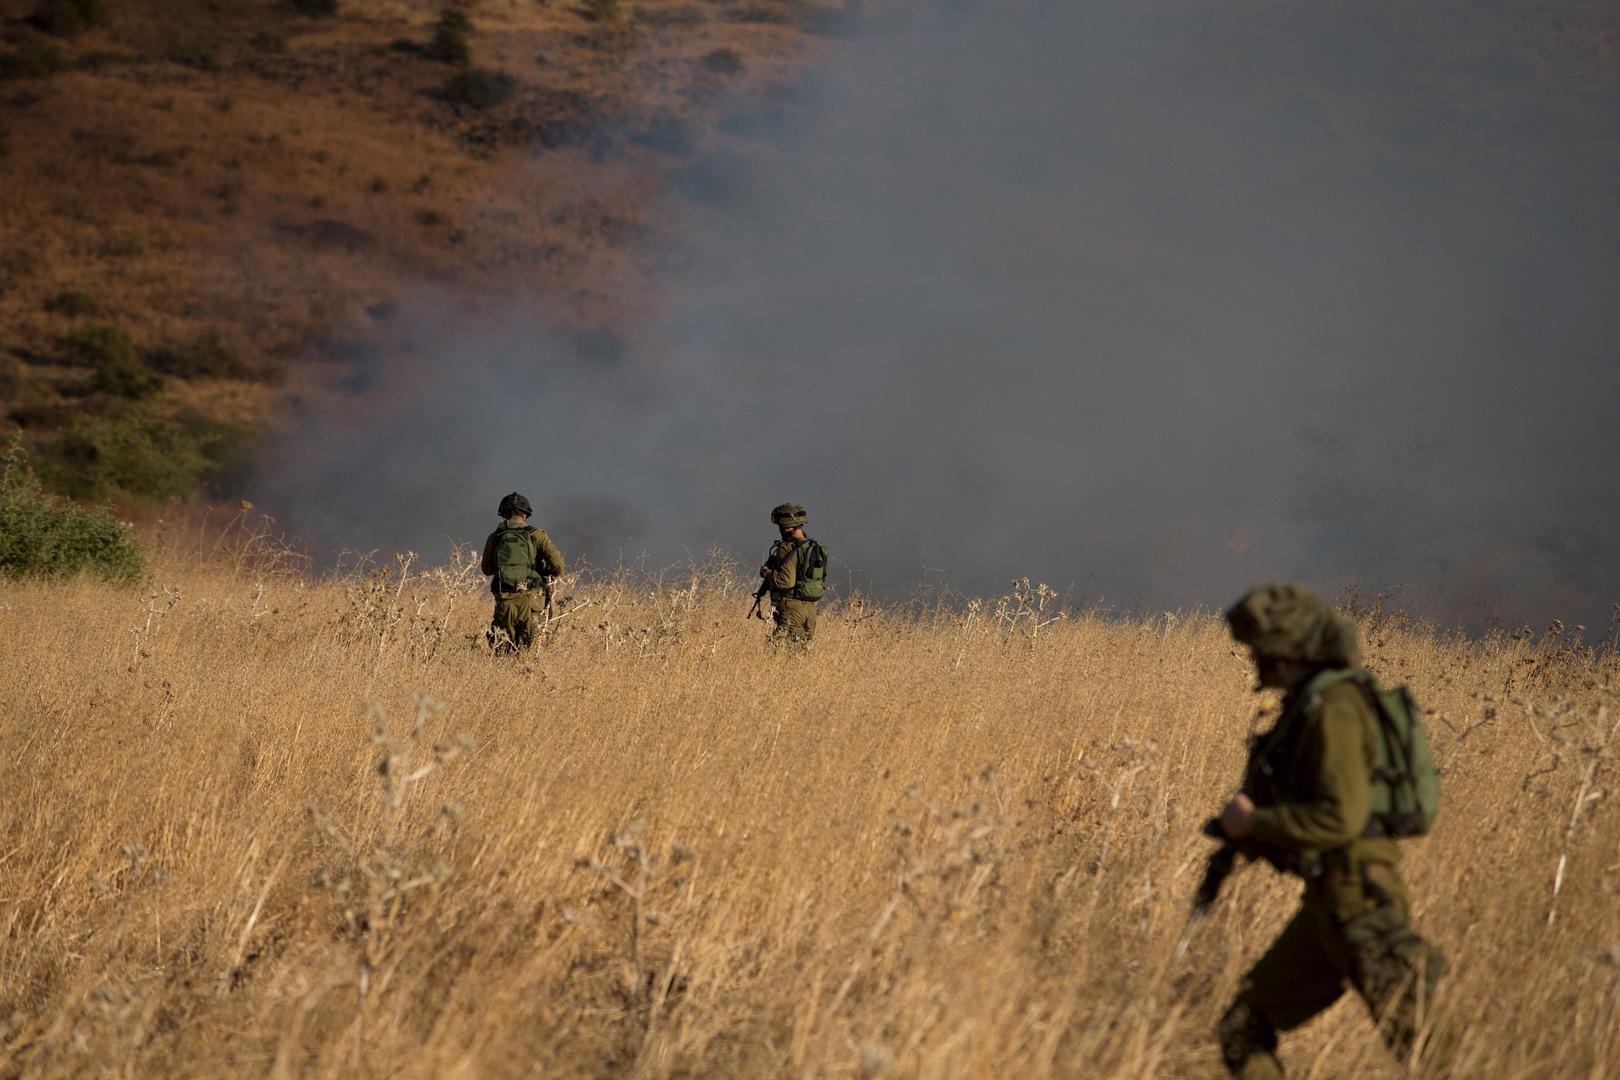 غانتس: لن نسمح للأزمة في لبنان بأن تصبح تهديدا أمنيا لإسرائيل